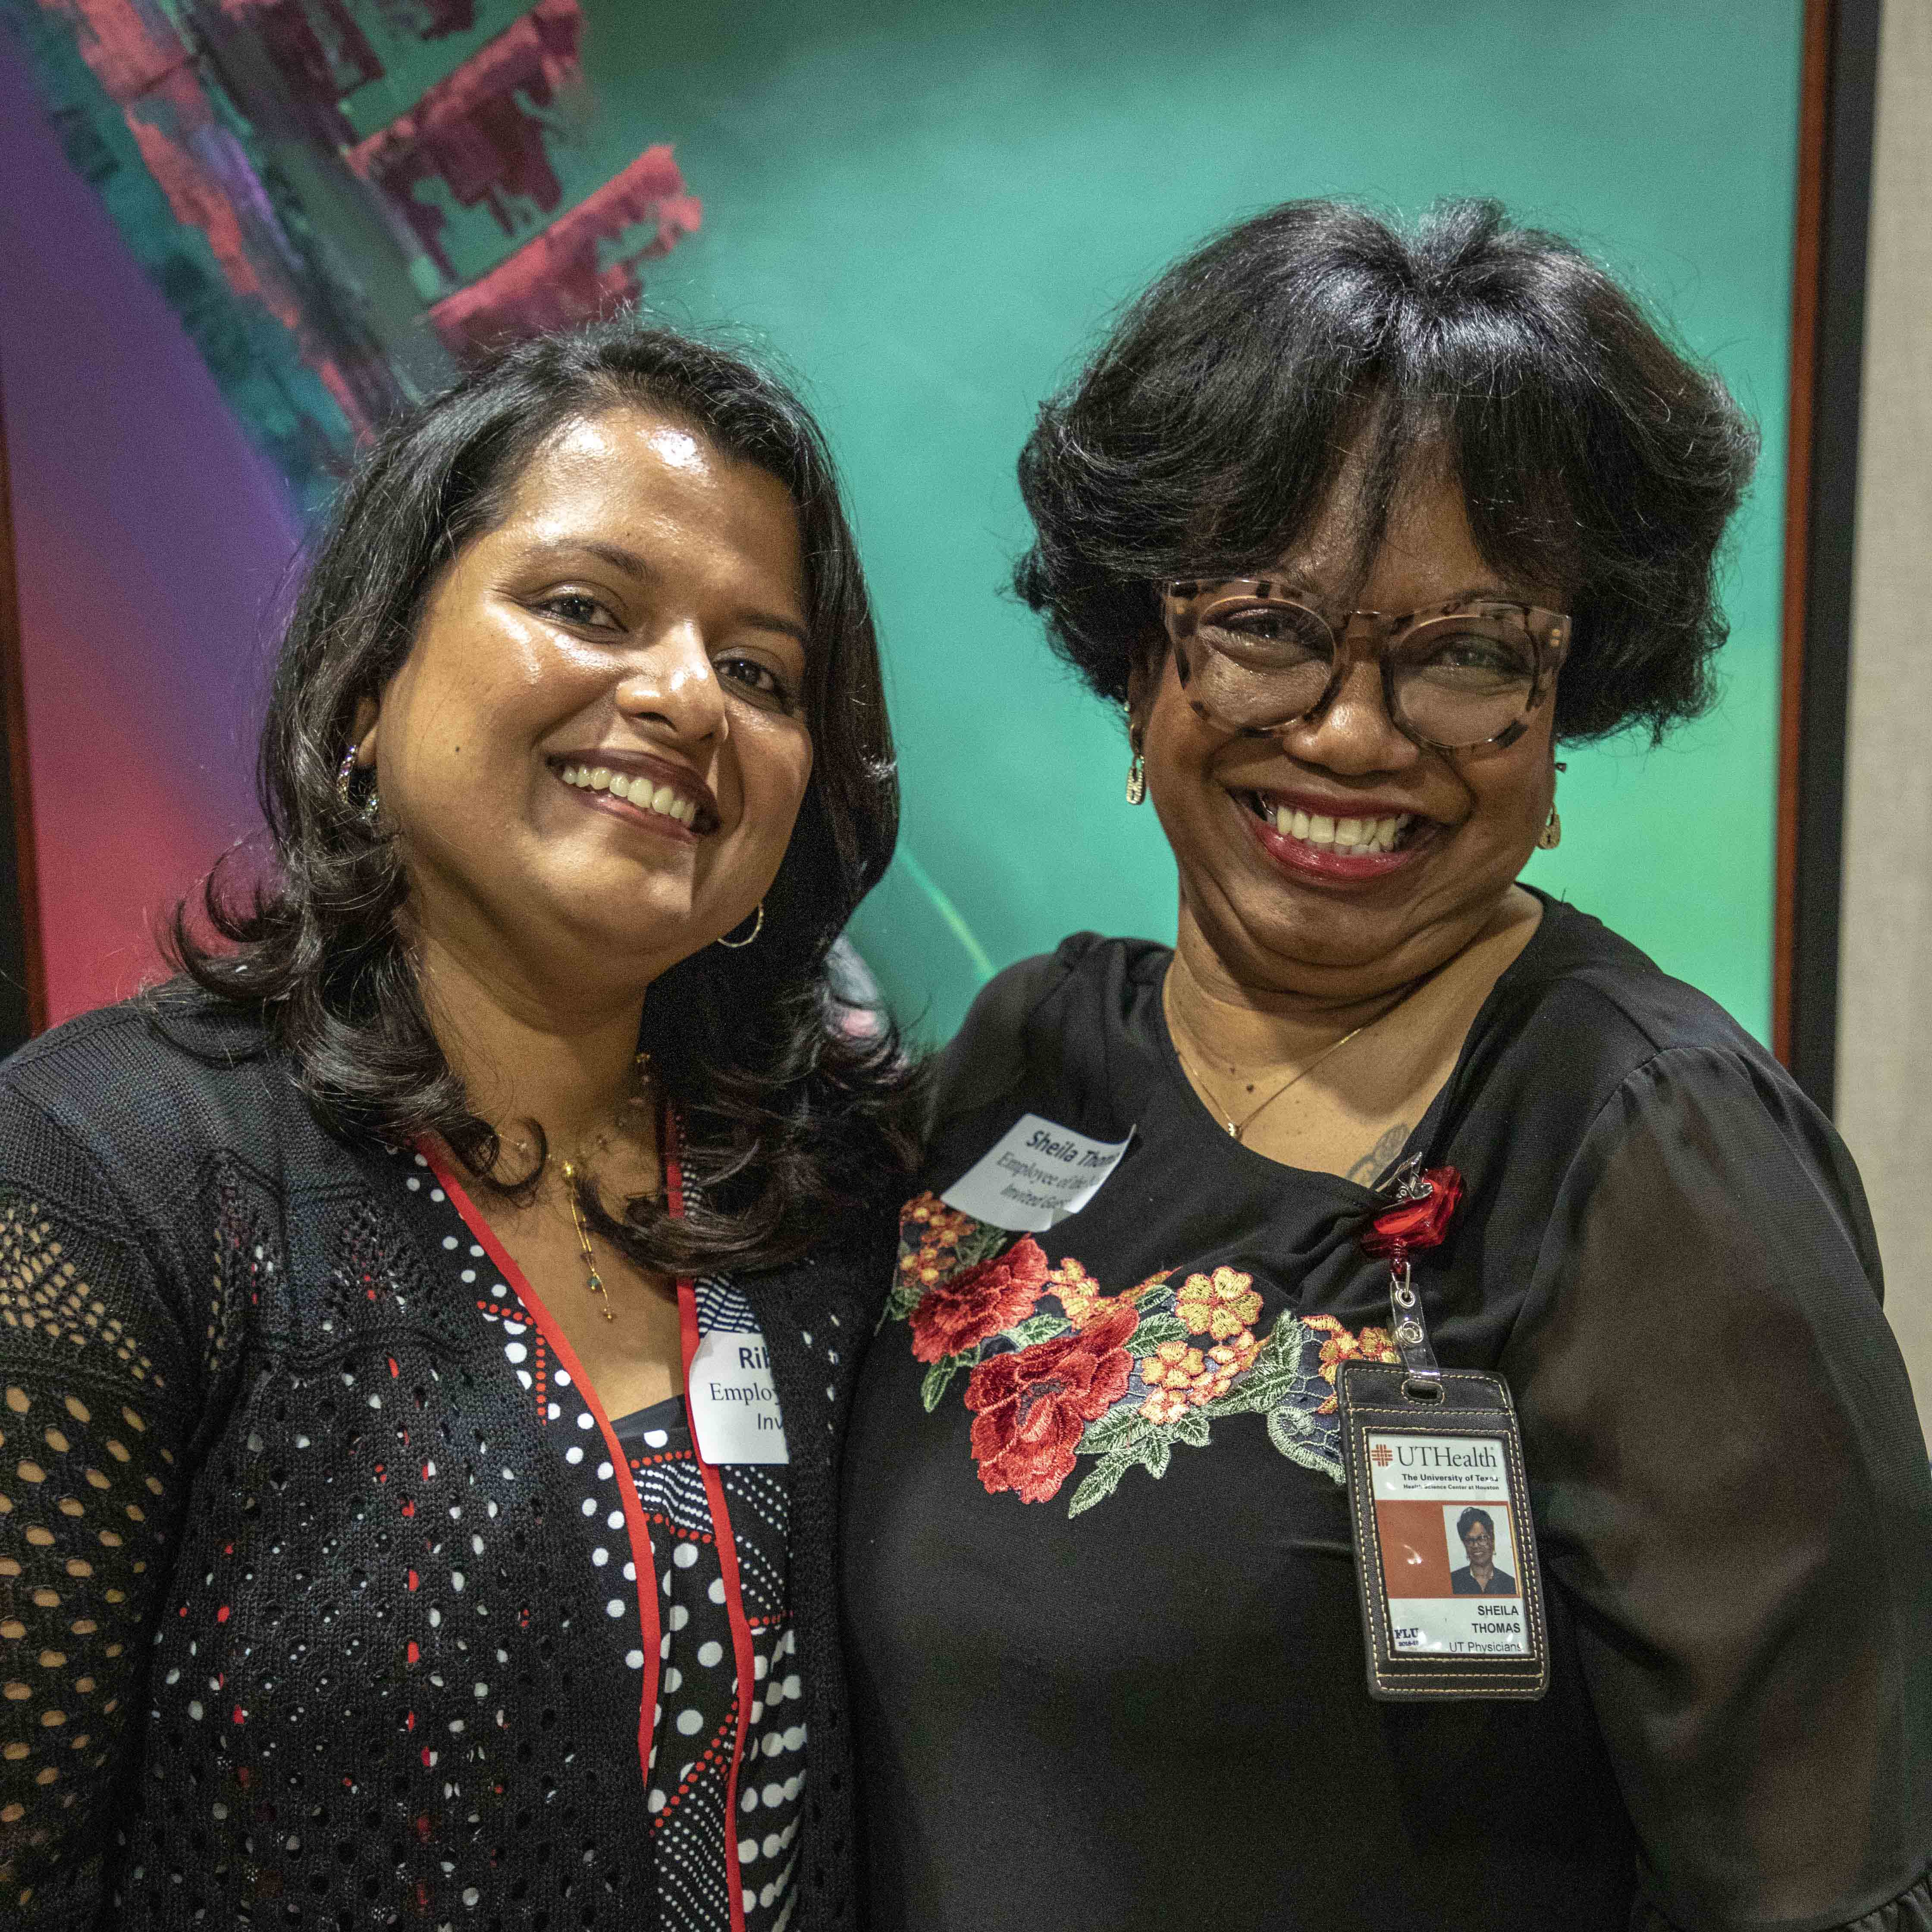 Ribi Kurian and Sheila Thomas